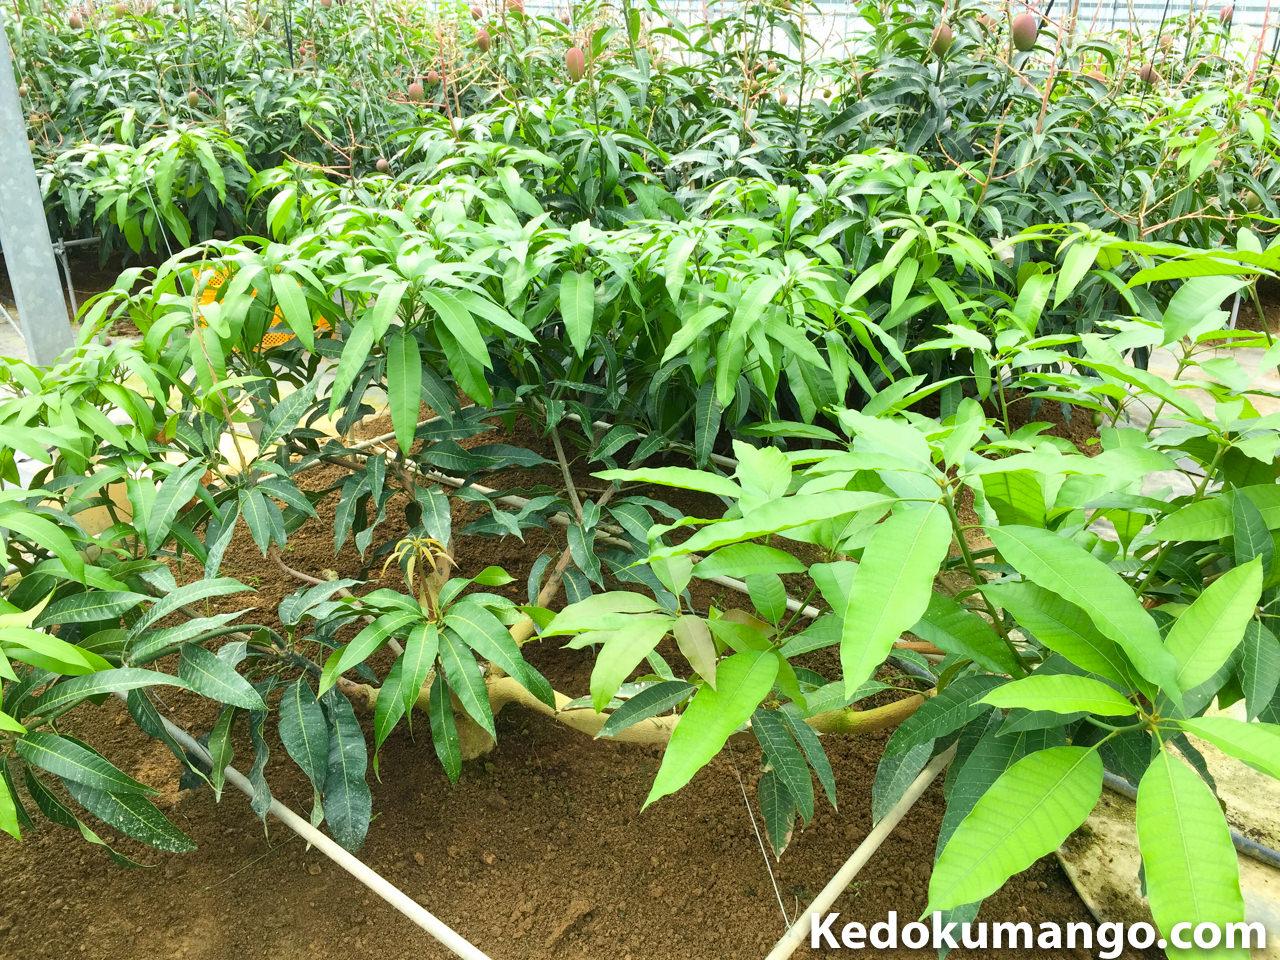 マンゴーの剪定のコツを紹介するための樹